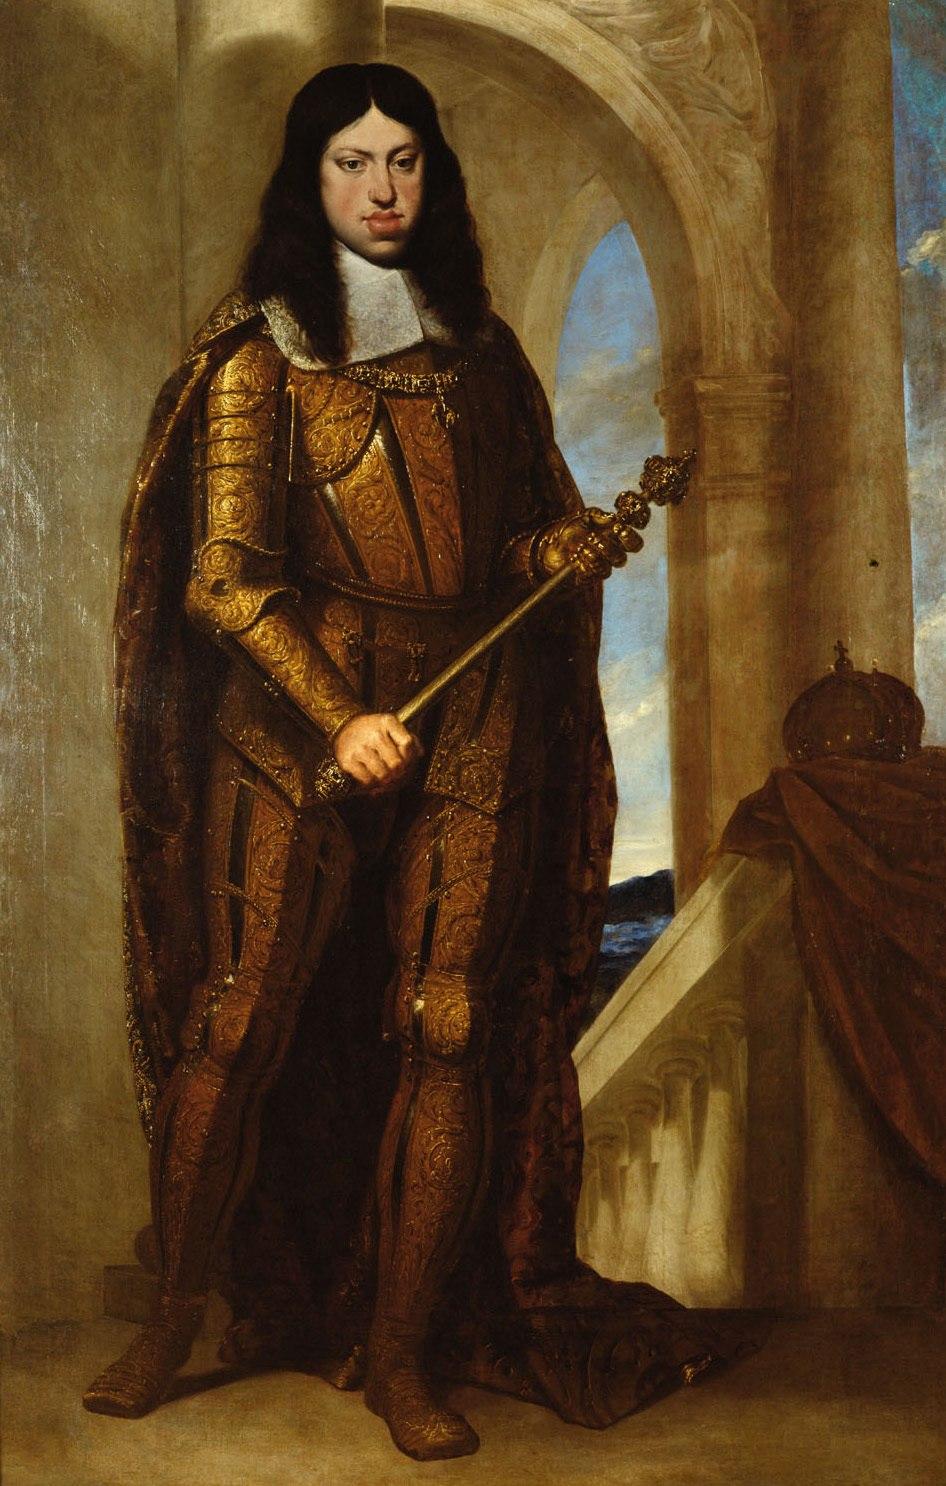 Pietro Liberi or Guido Cagnacci (attr.) - Emperor Leopold I in coronation armor